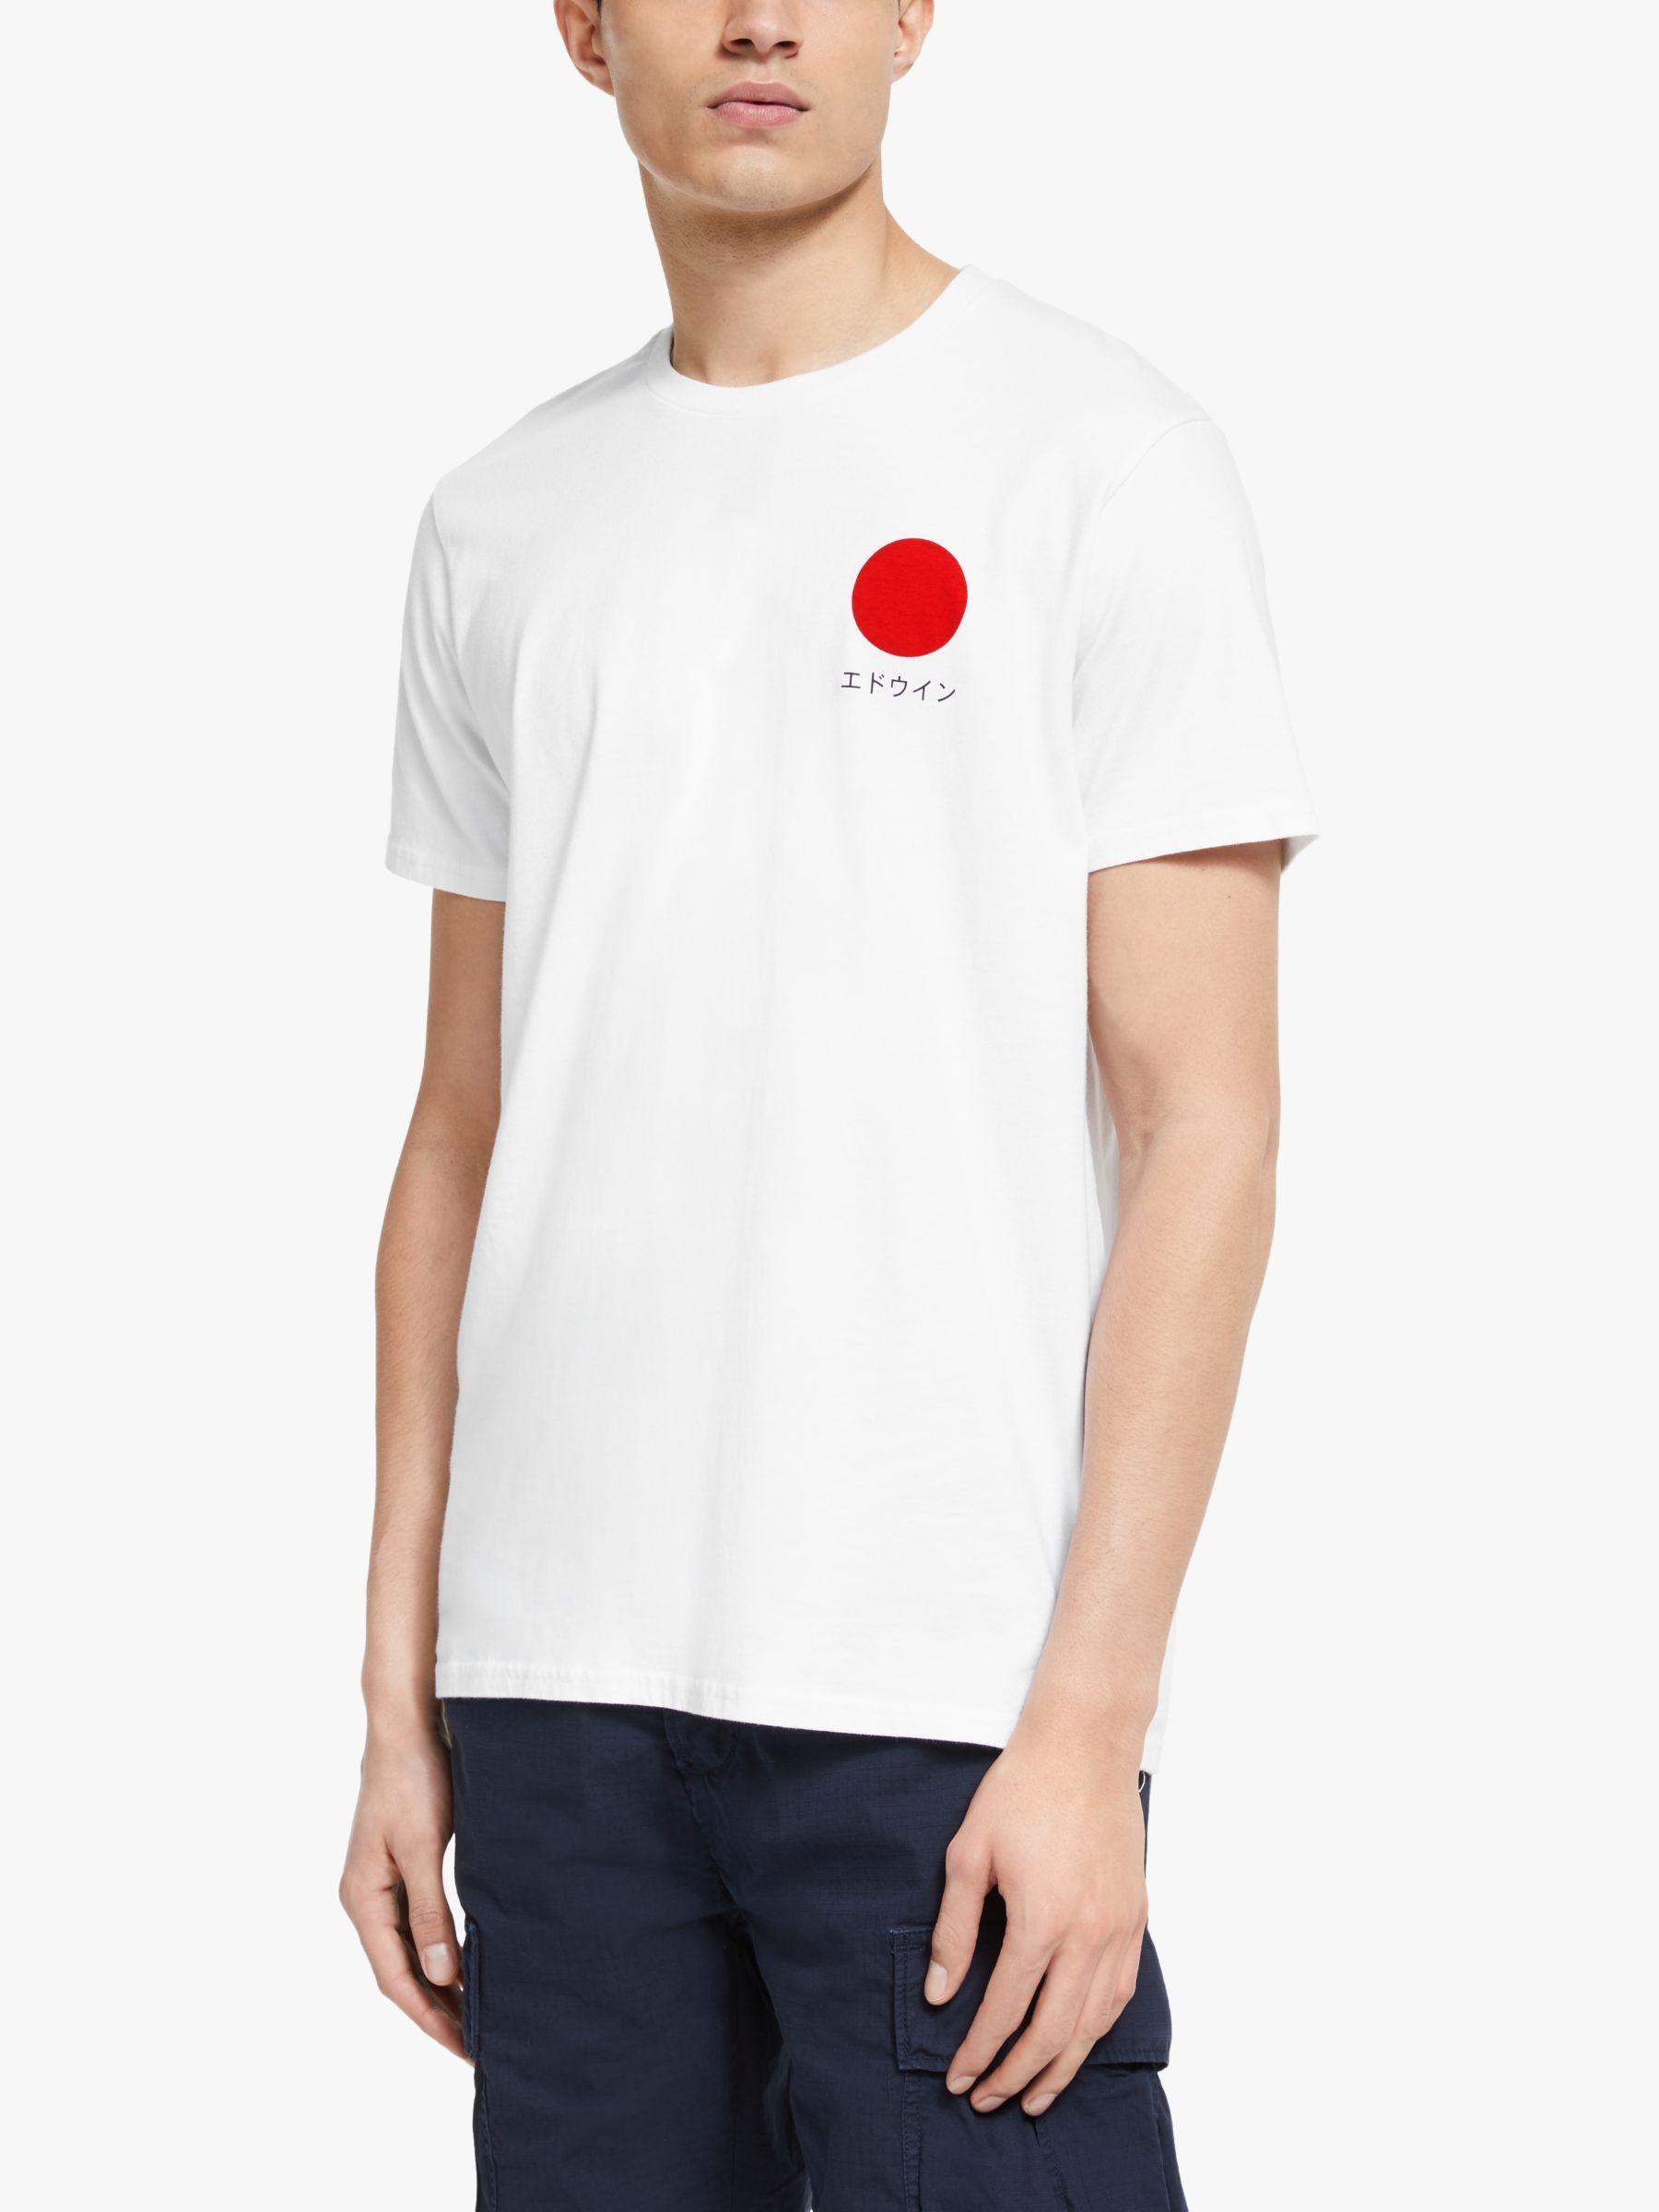 Edwin Edwin Japanese Sun Short Sleeve T-Shirt, White